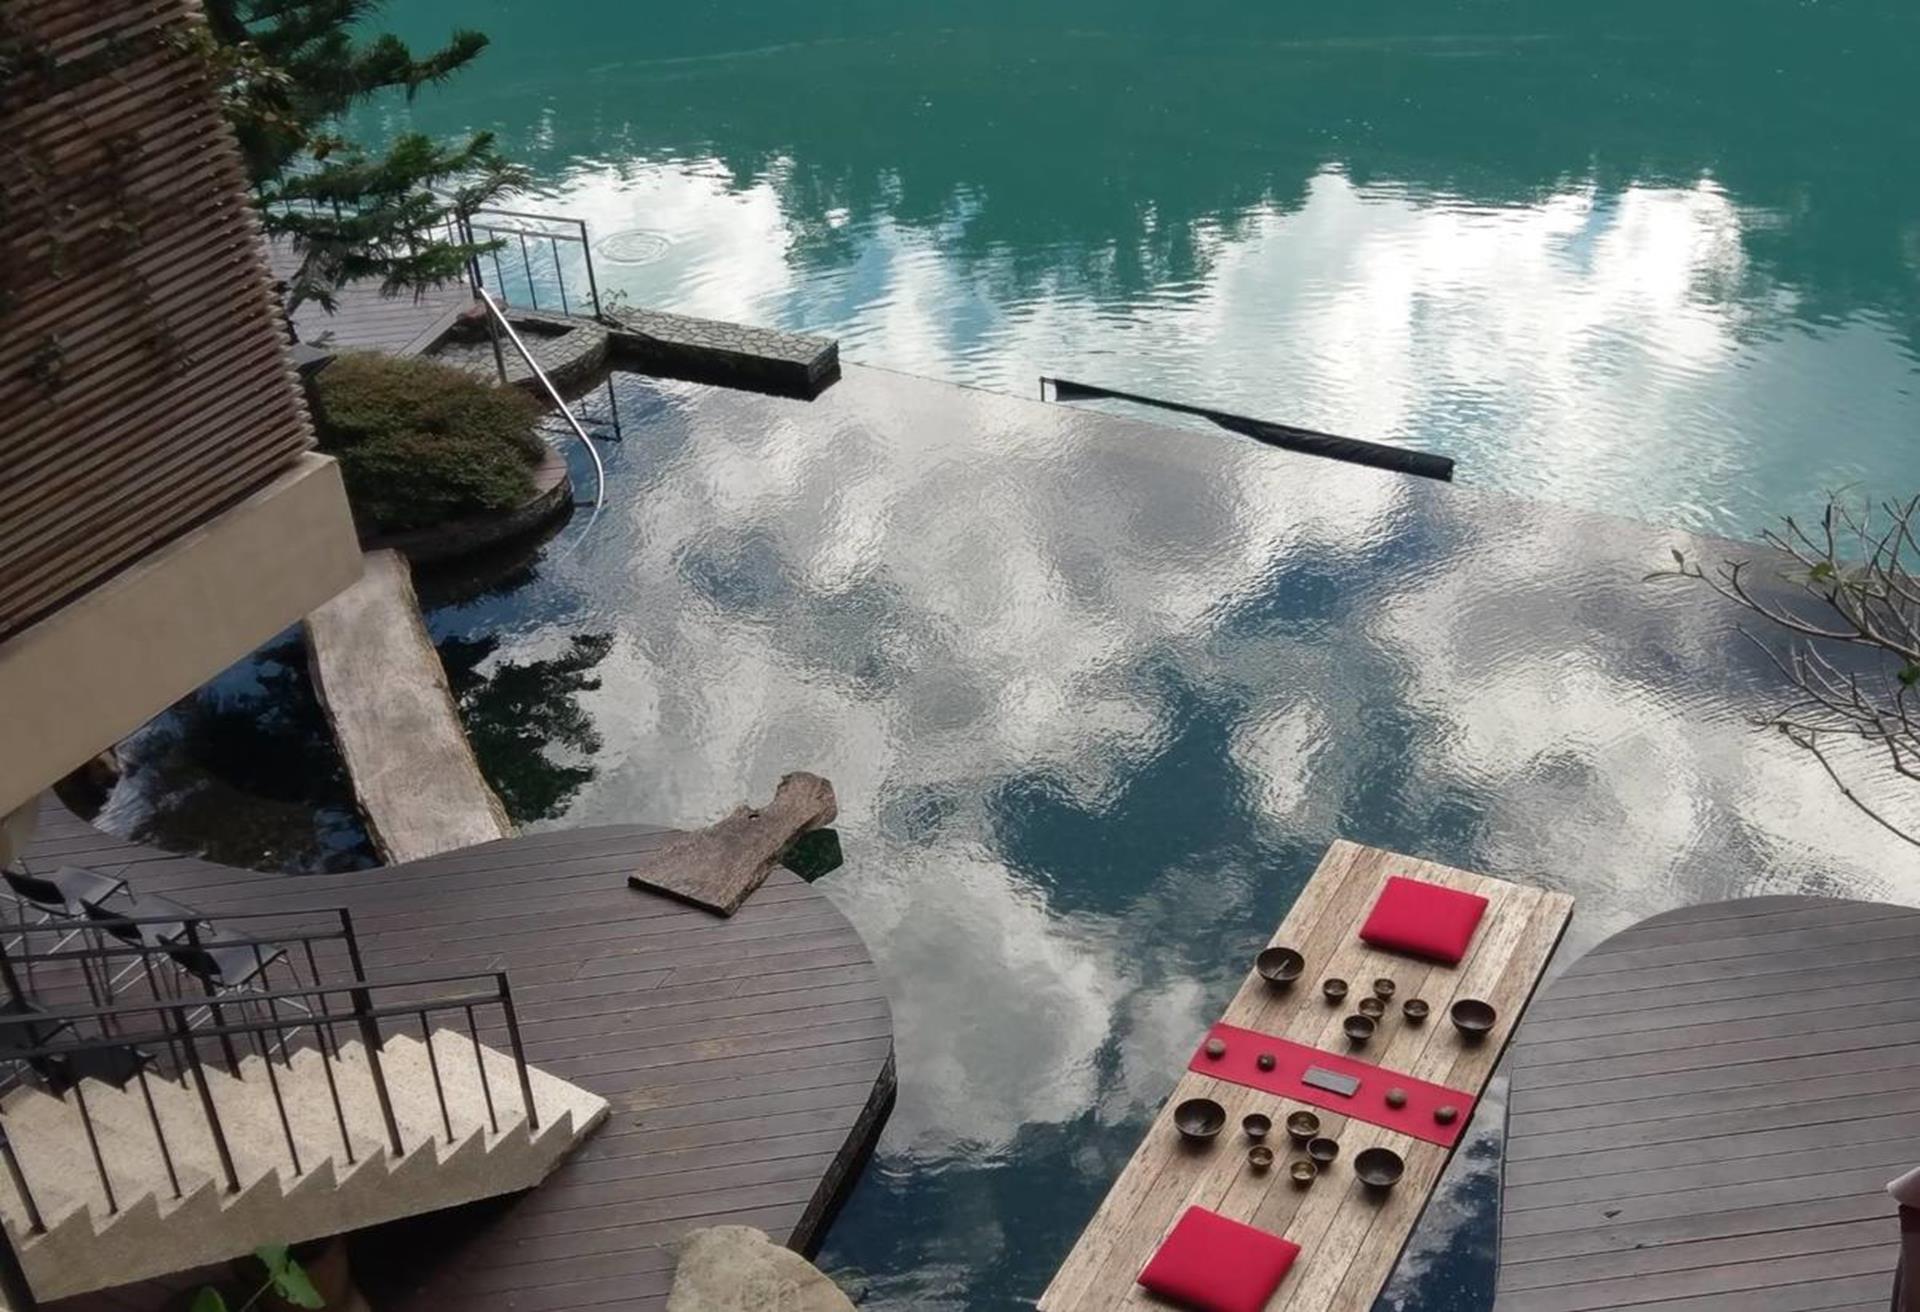 馥蘭朵烏來渡假酒店,烏來溫泉飯店推薦,烏來溫泉飯店,烏來溫泉旅館